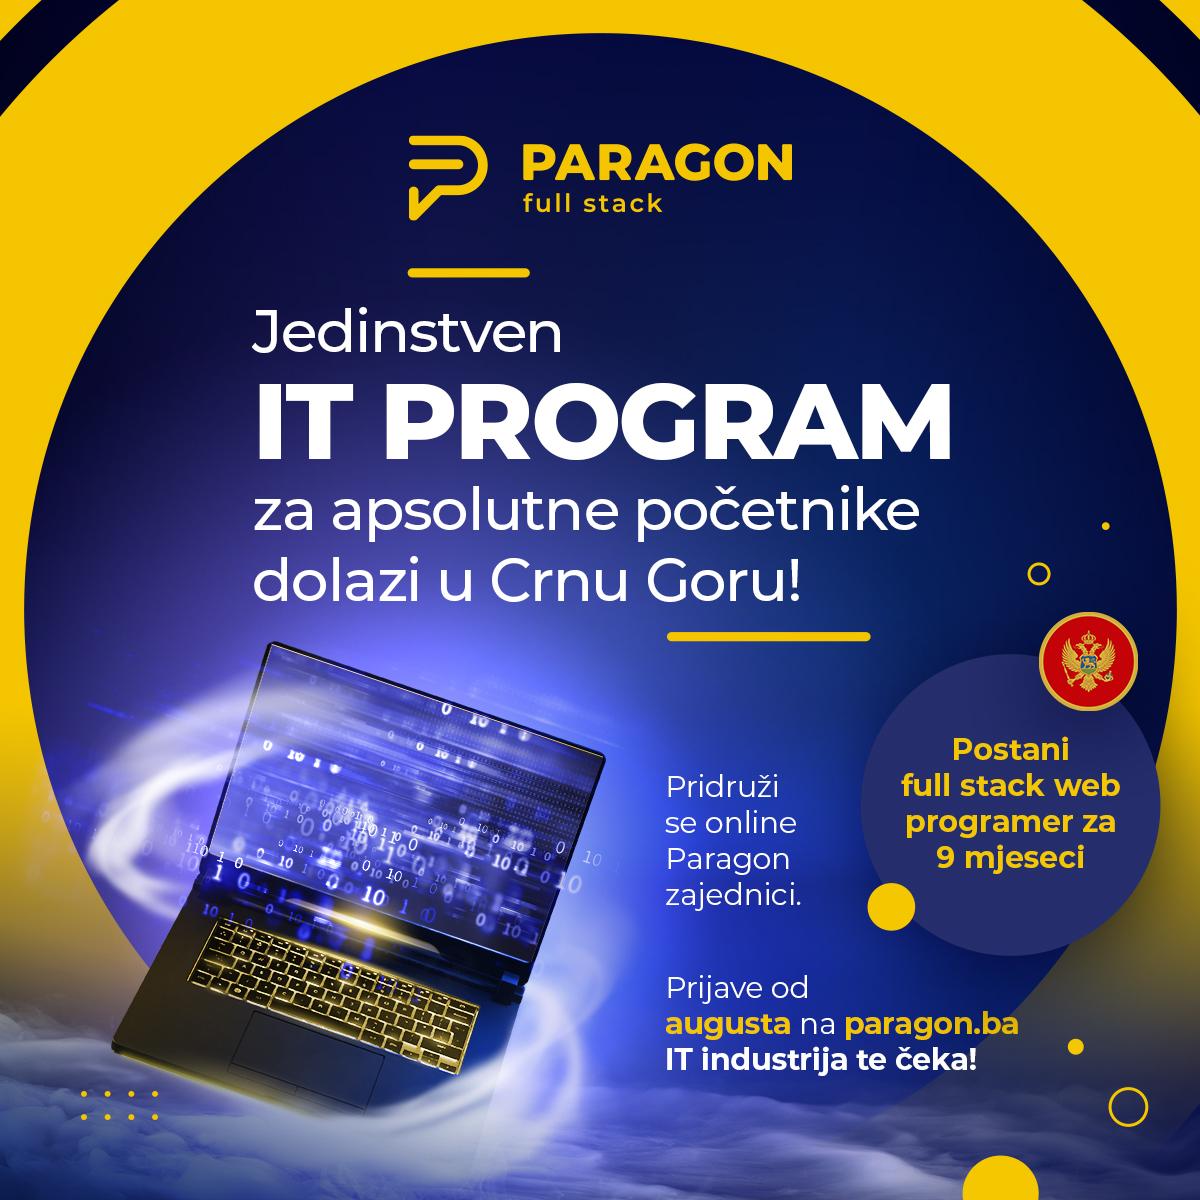 Paragon full stack program je stigao na naše prostore!